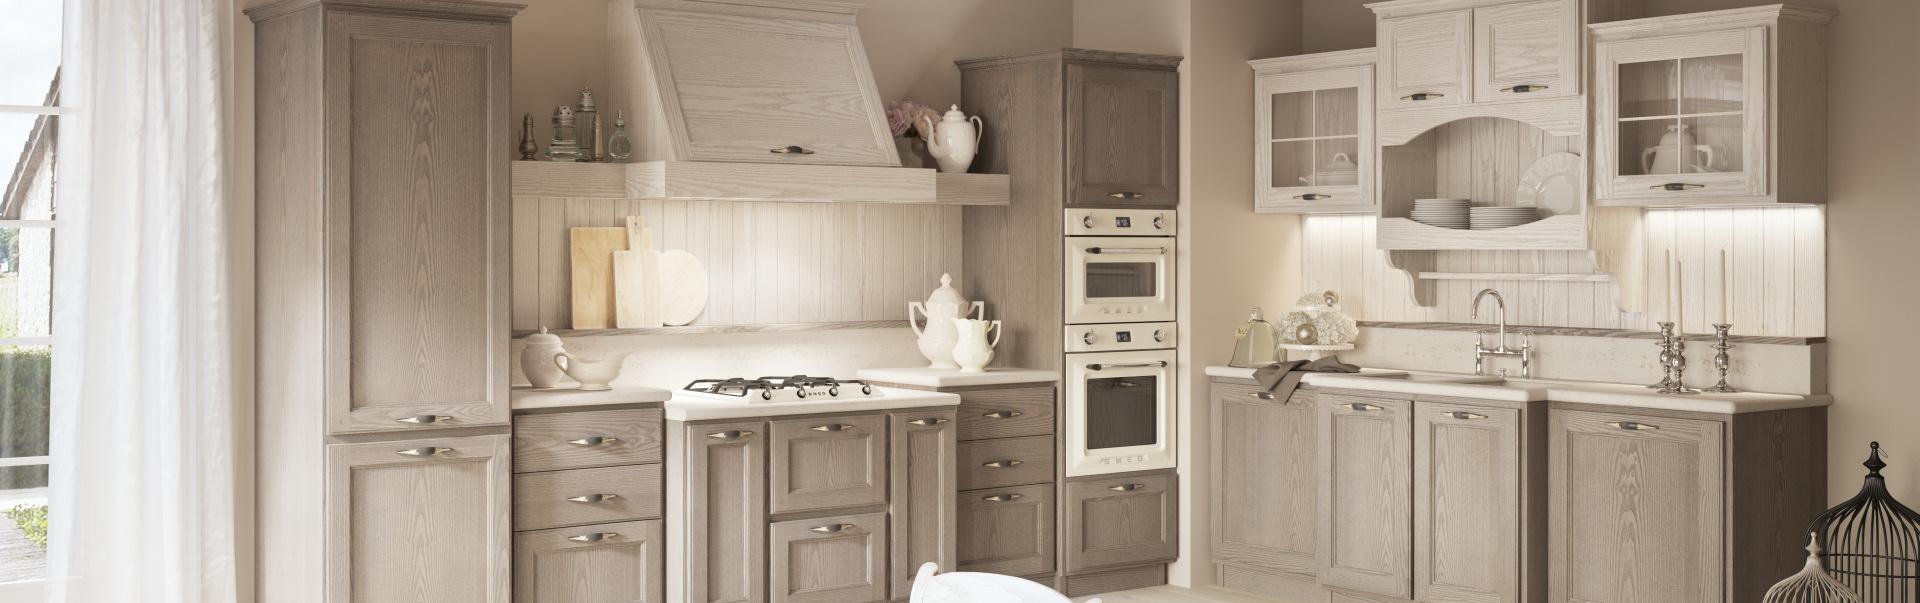 cucina01_v1